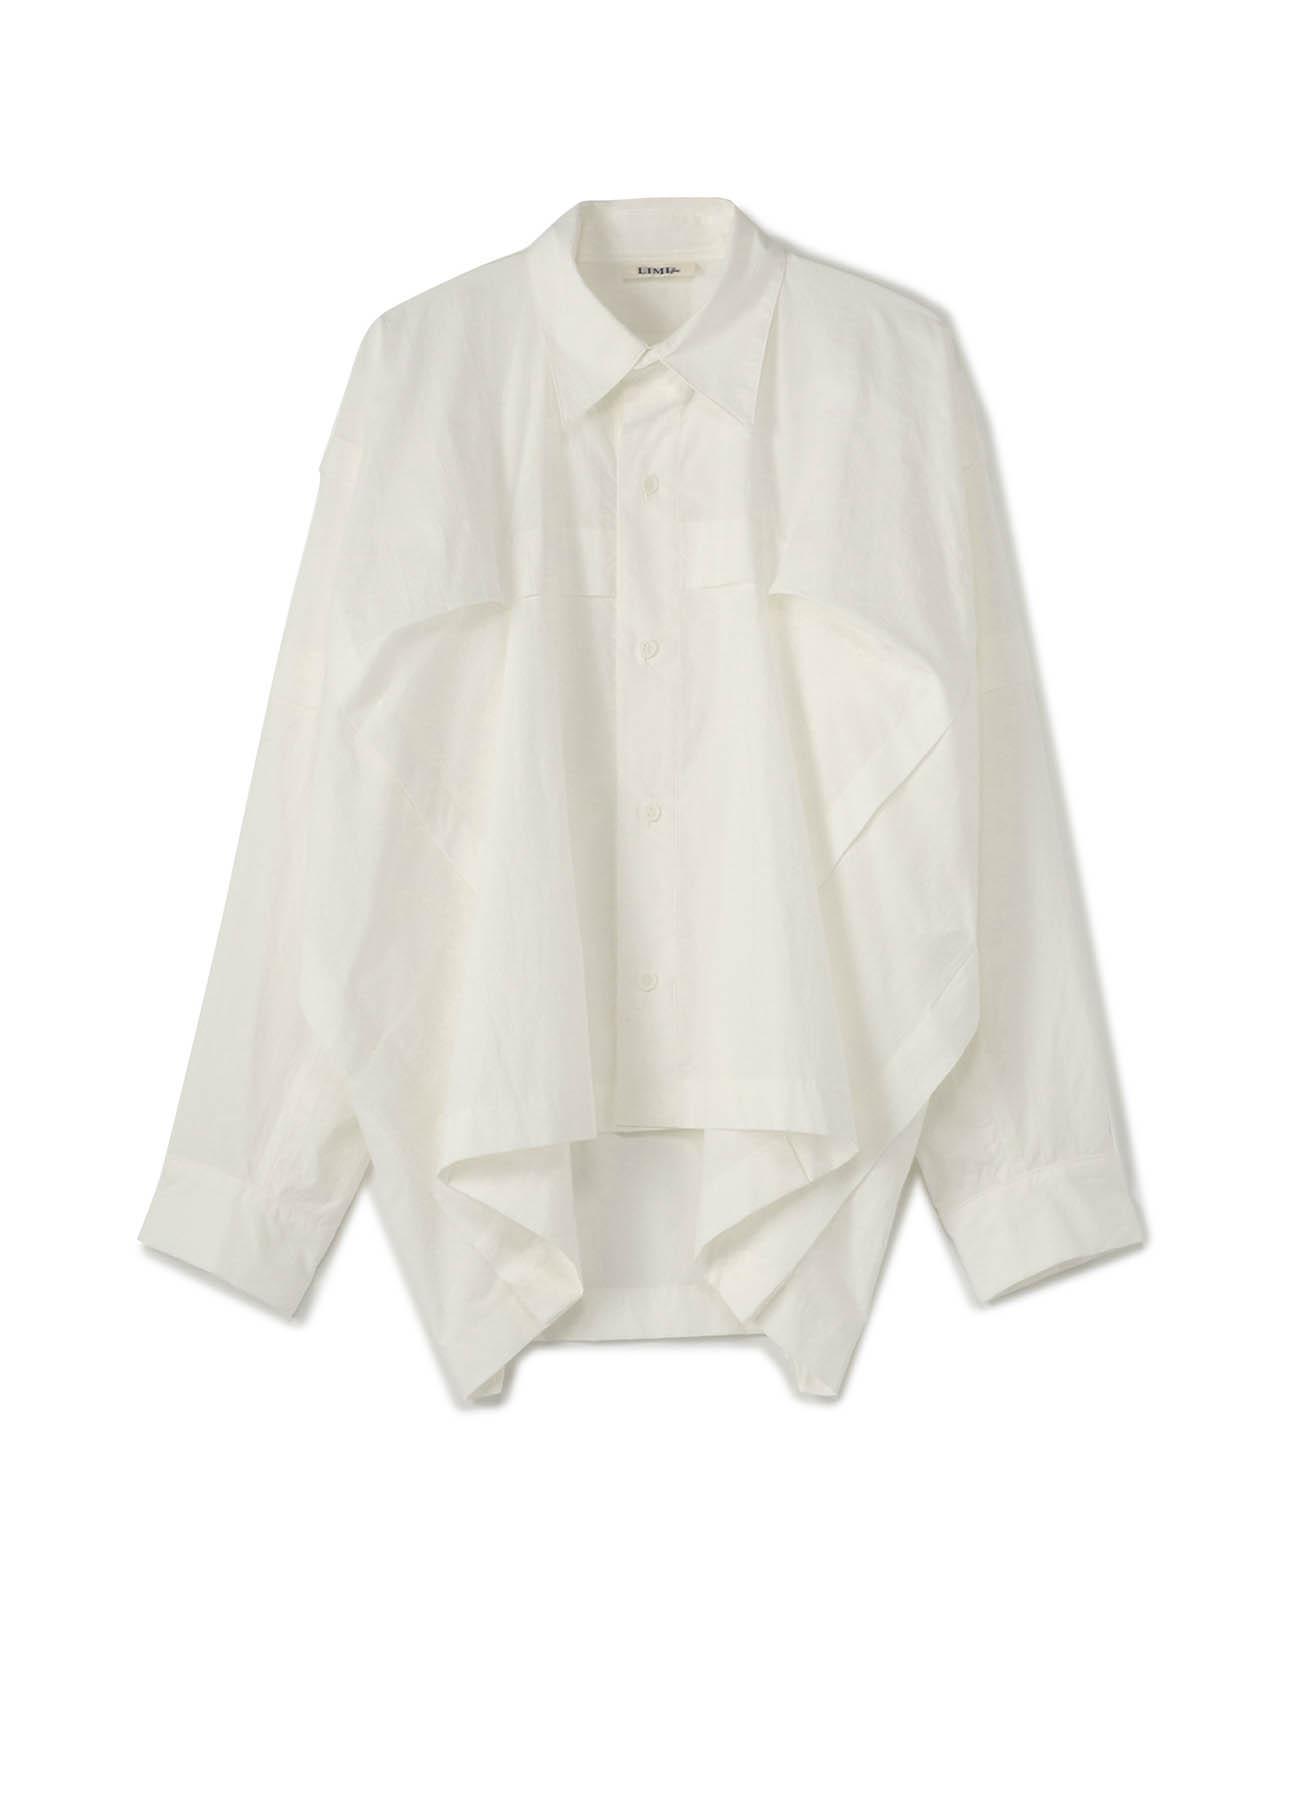 打字机褶shirt衬衫